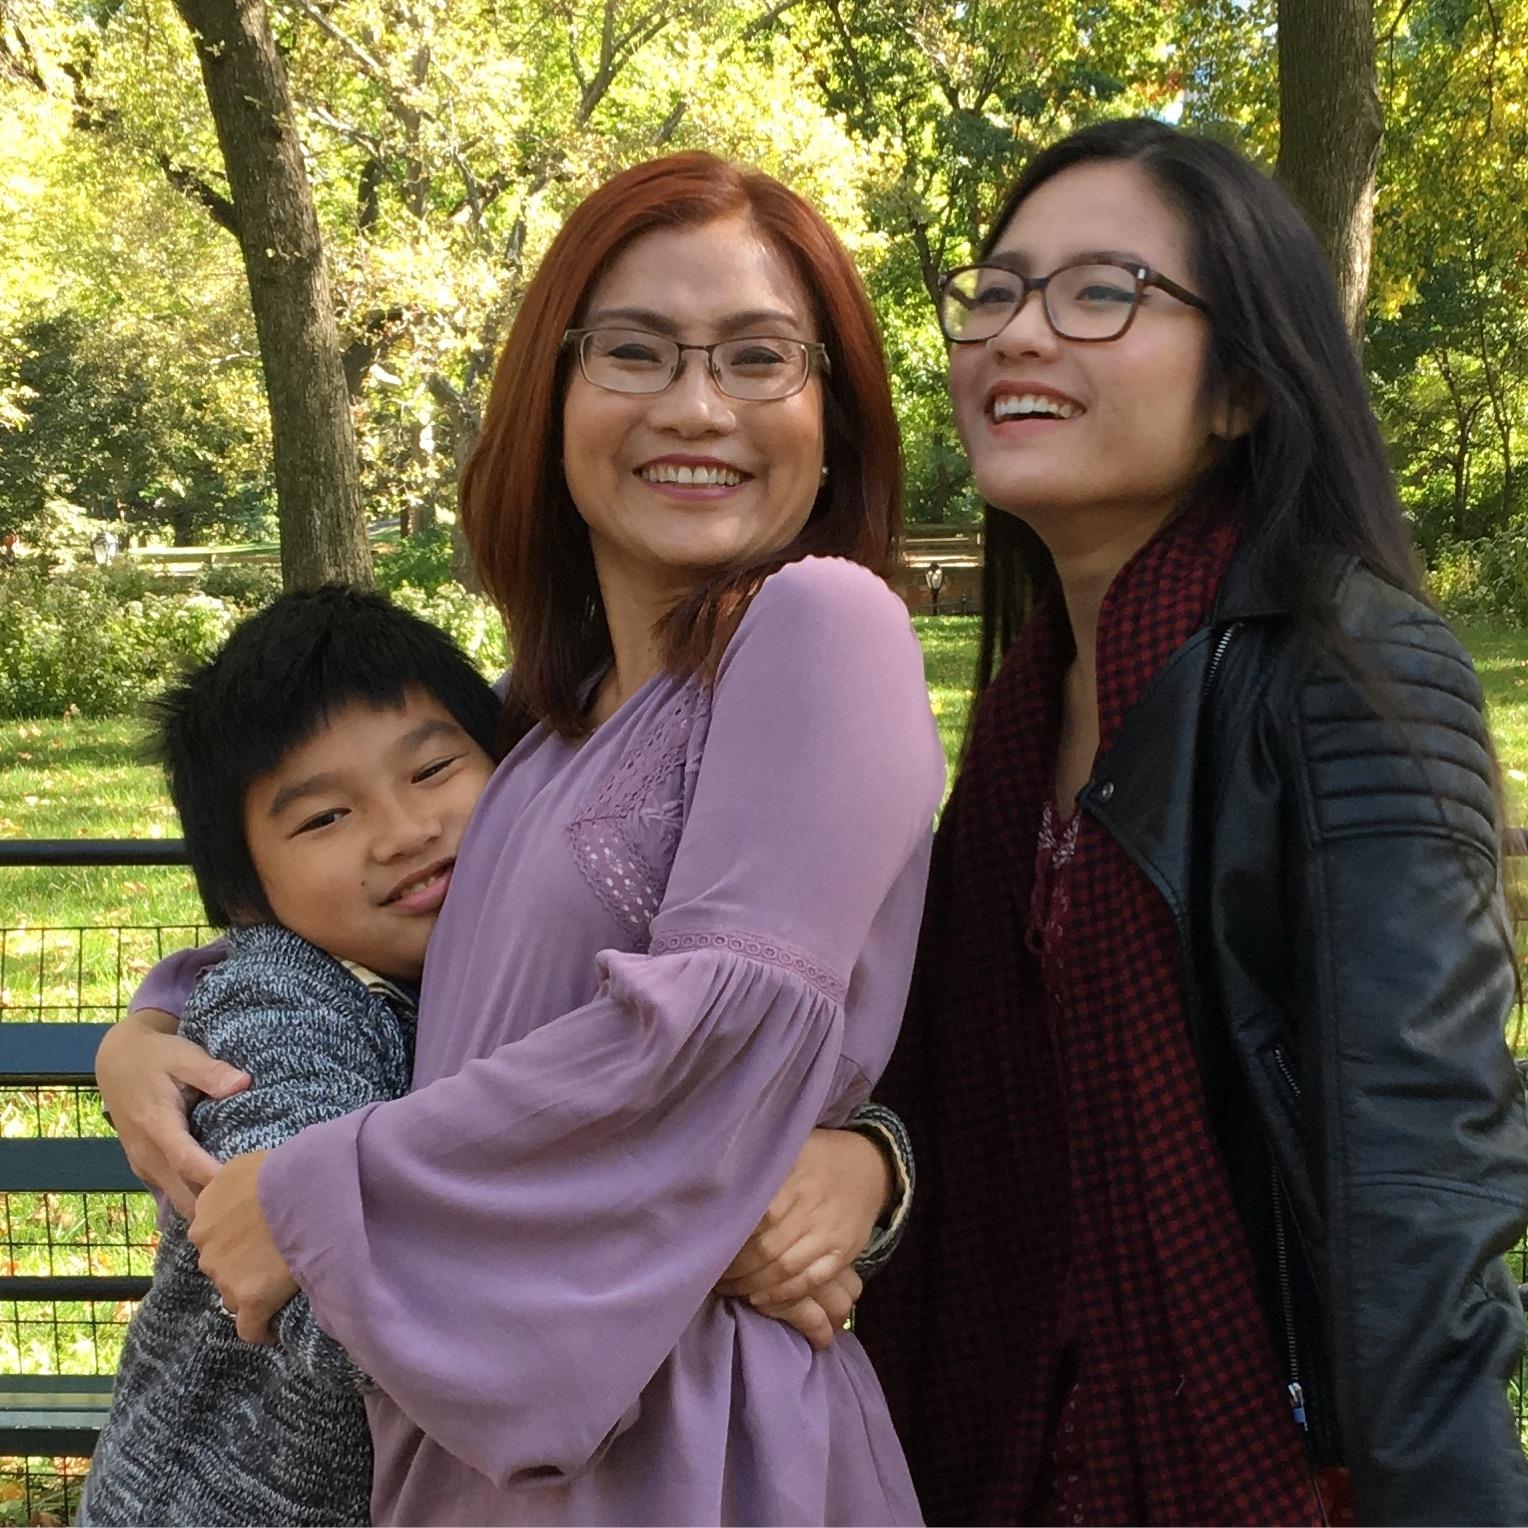 Shandra Woworuntu and her children